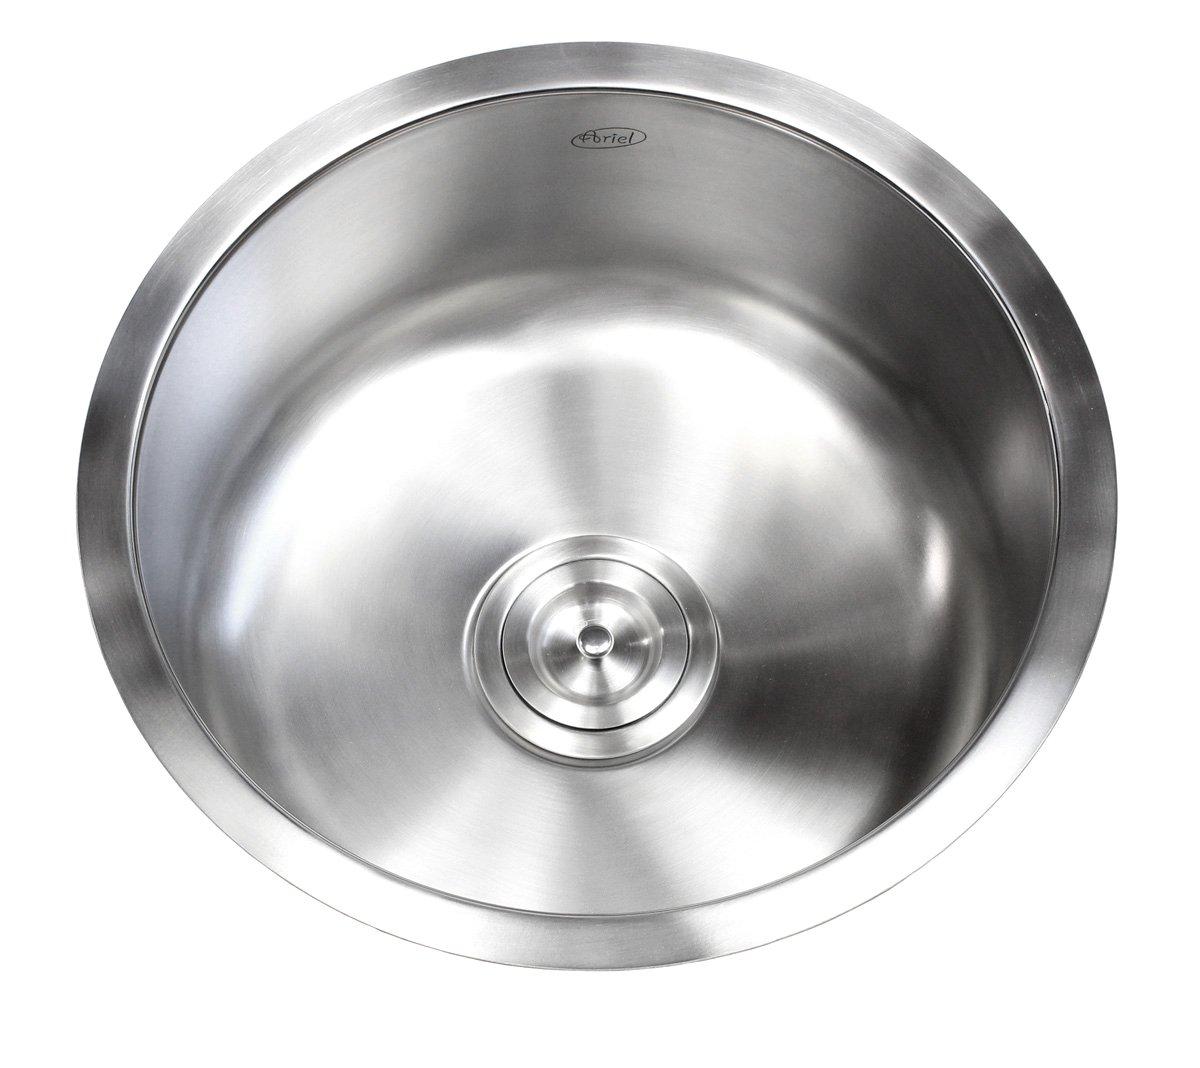 17 Inch Stainless Steel Undermount Single Bowl Kitchen / Bar / Prep Sink Round - 16 Gauge